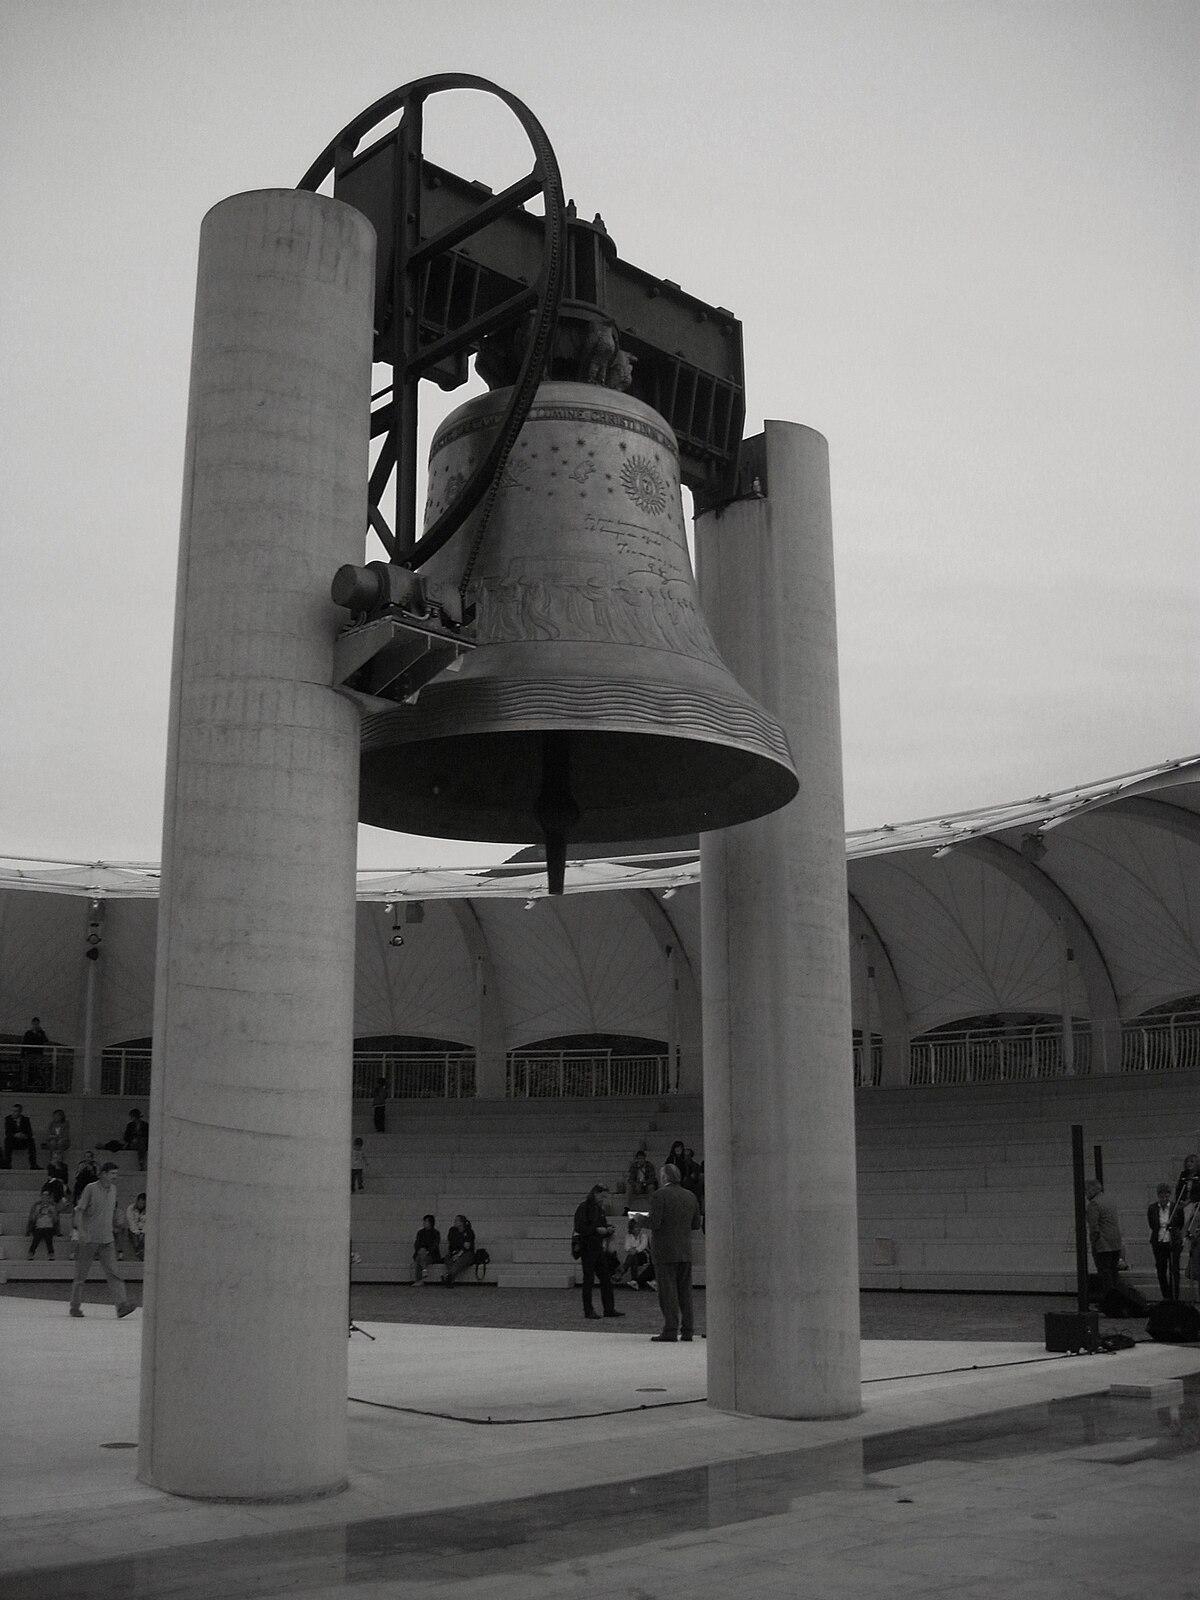 Suono Di Campane A Festa.Campana Wikipedia